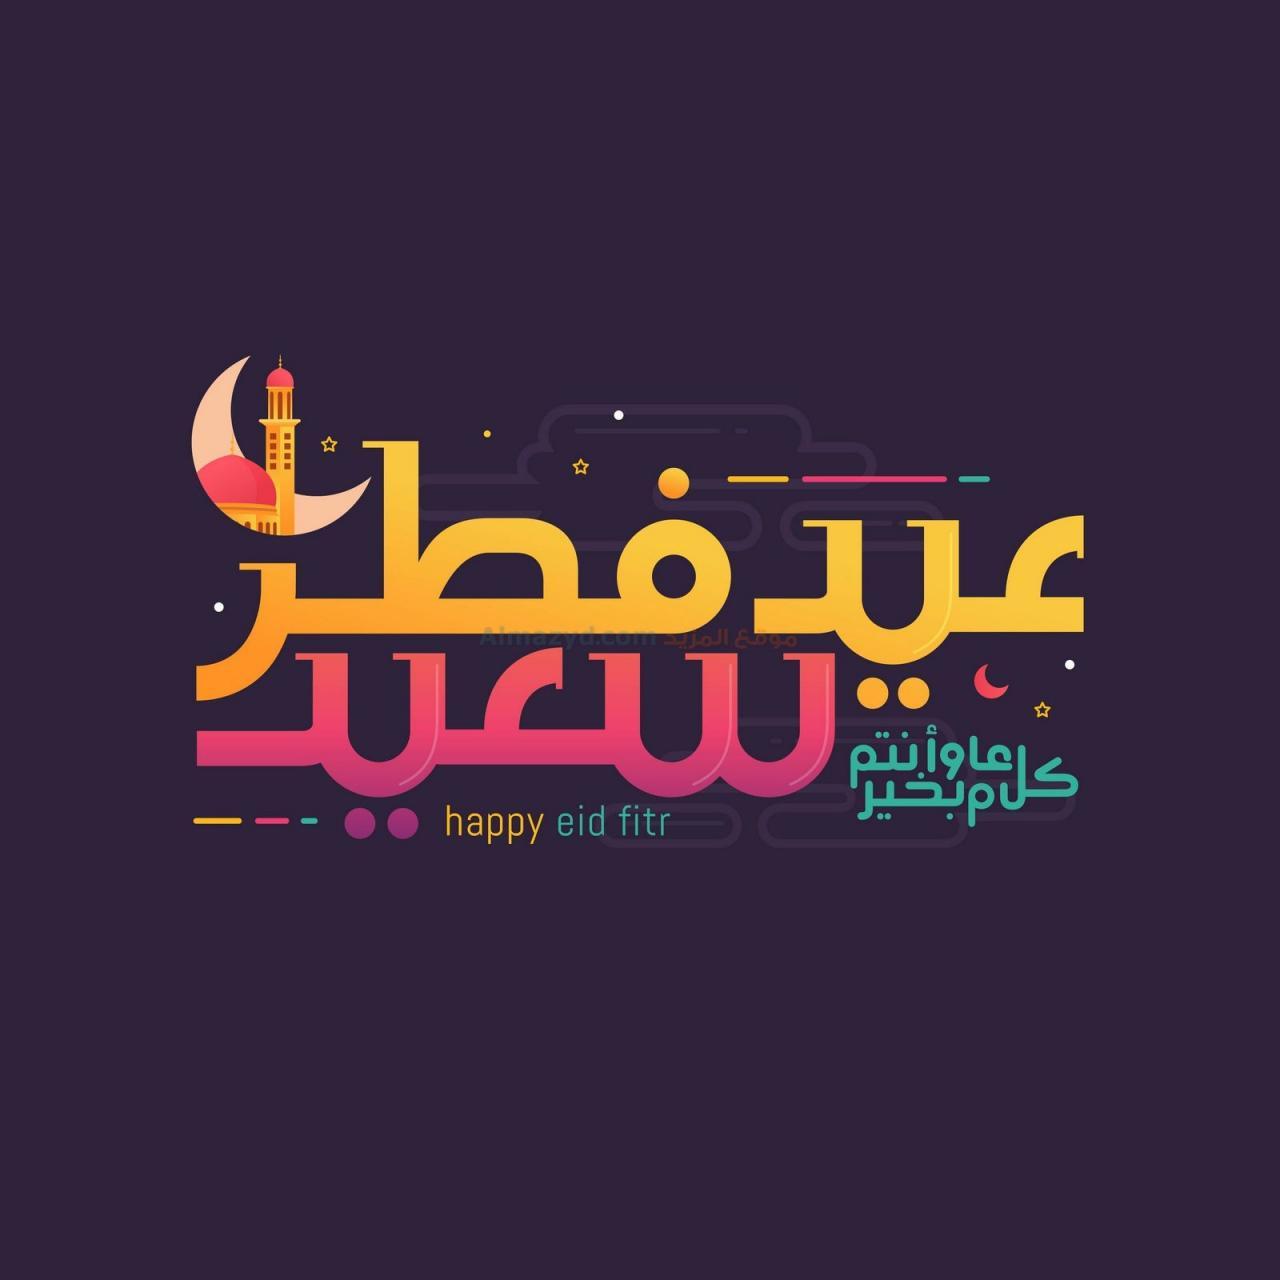 صور عن العيد 2020 رسائل عيد الفطر عيد الفطر المبارك صور عيد الفطر 1